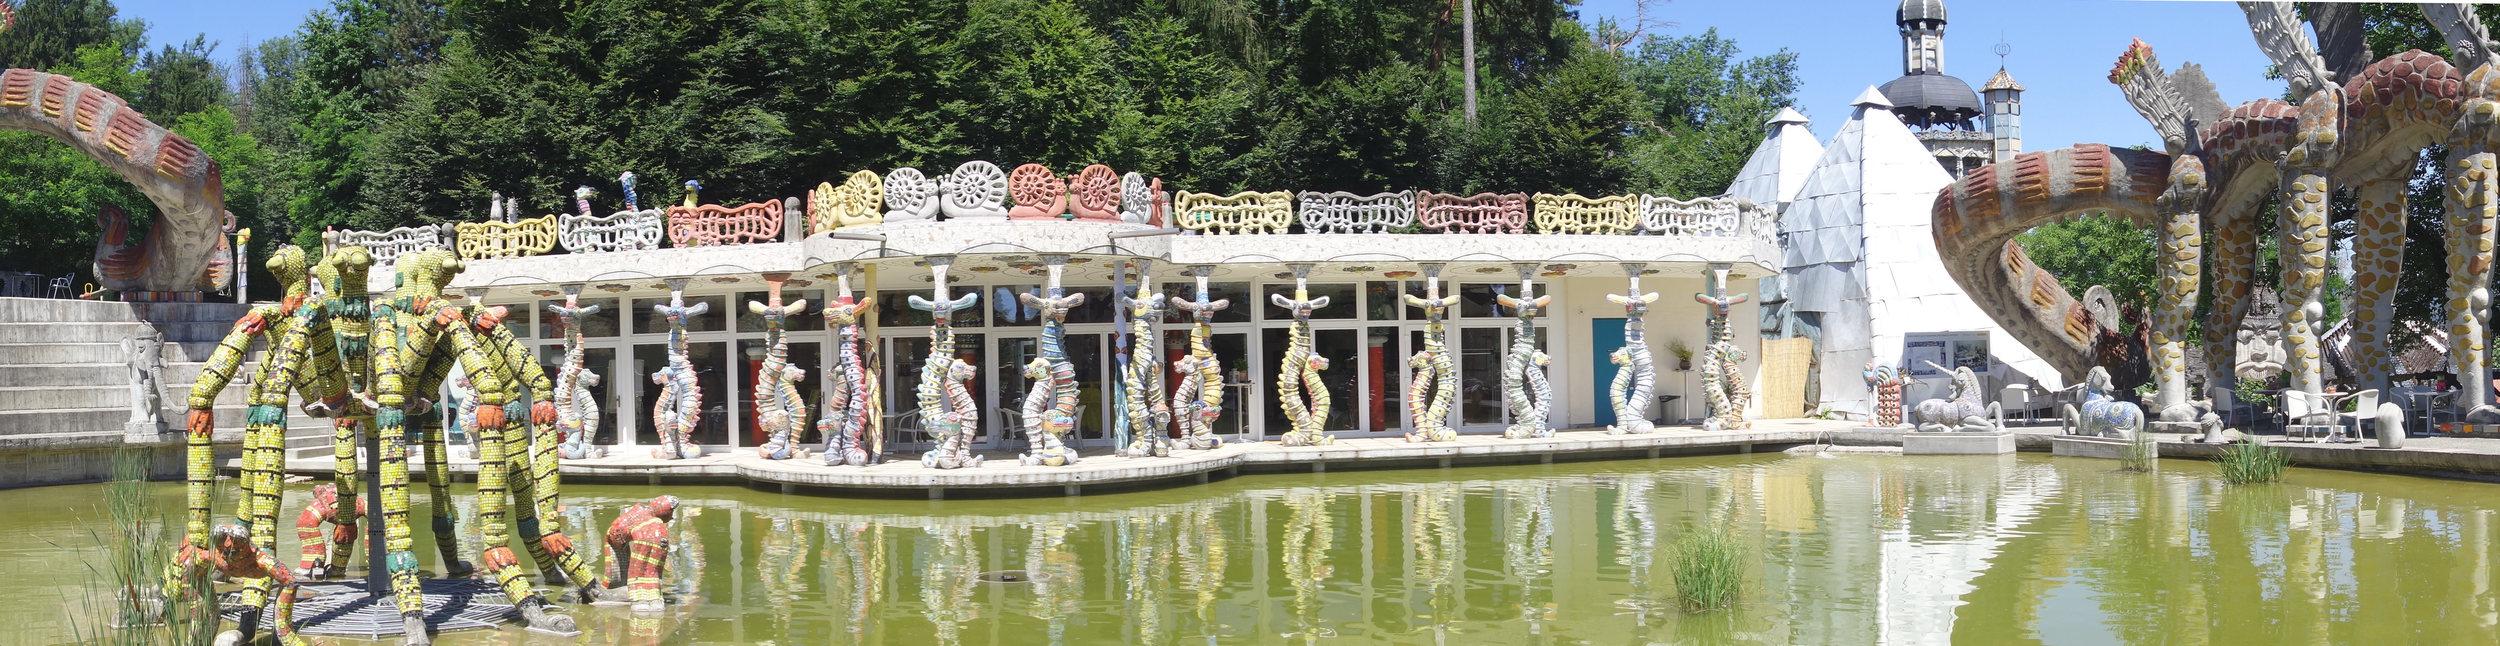 """IMG 04     Bruno Weber Park, Dietikon    """"Wassergarten und Haus der Wandlung  """" (2008 - 2012, Beton, Glas, Keramik, Mosaik, Putz, Farbe) Foto: Bruno Weber Stiftung"""